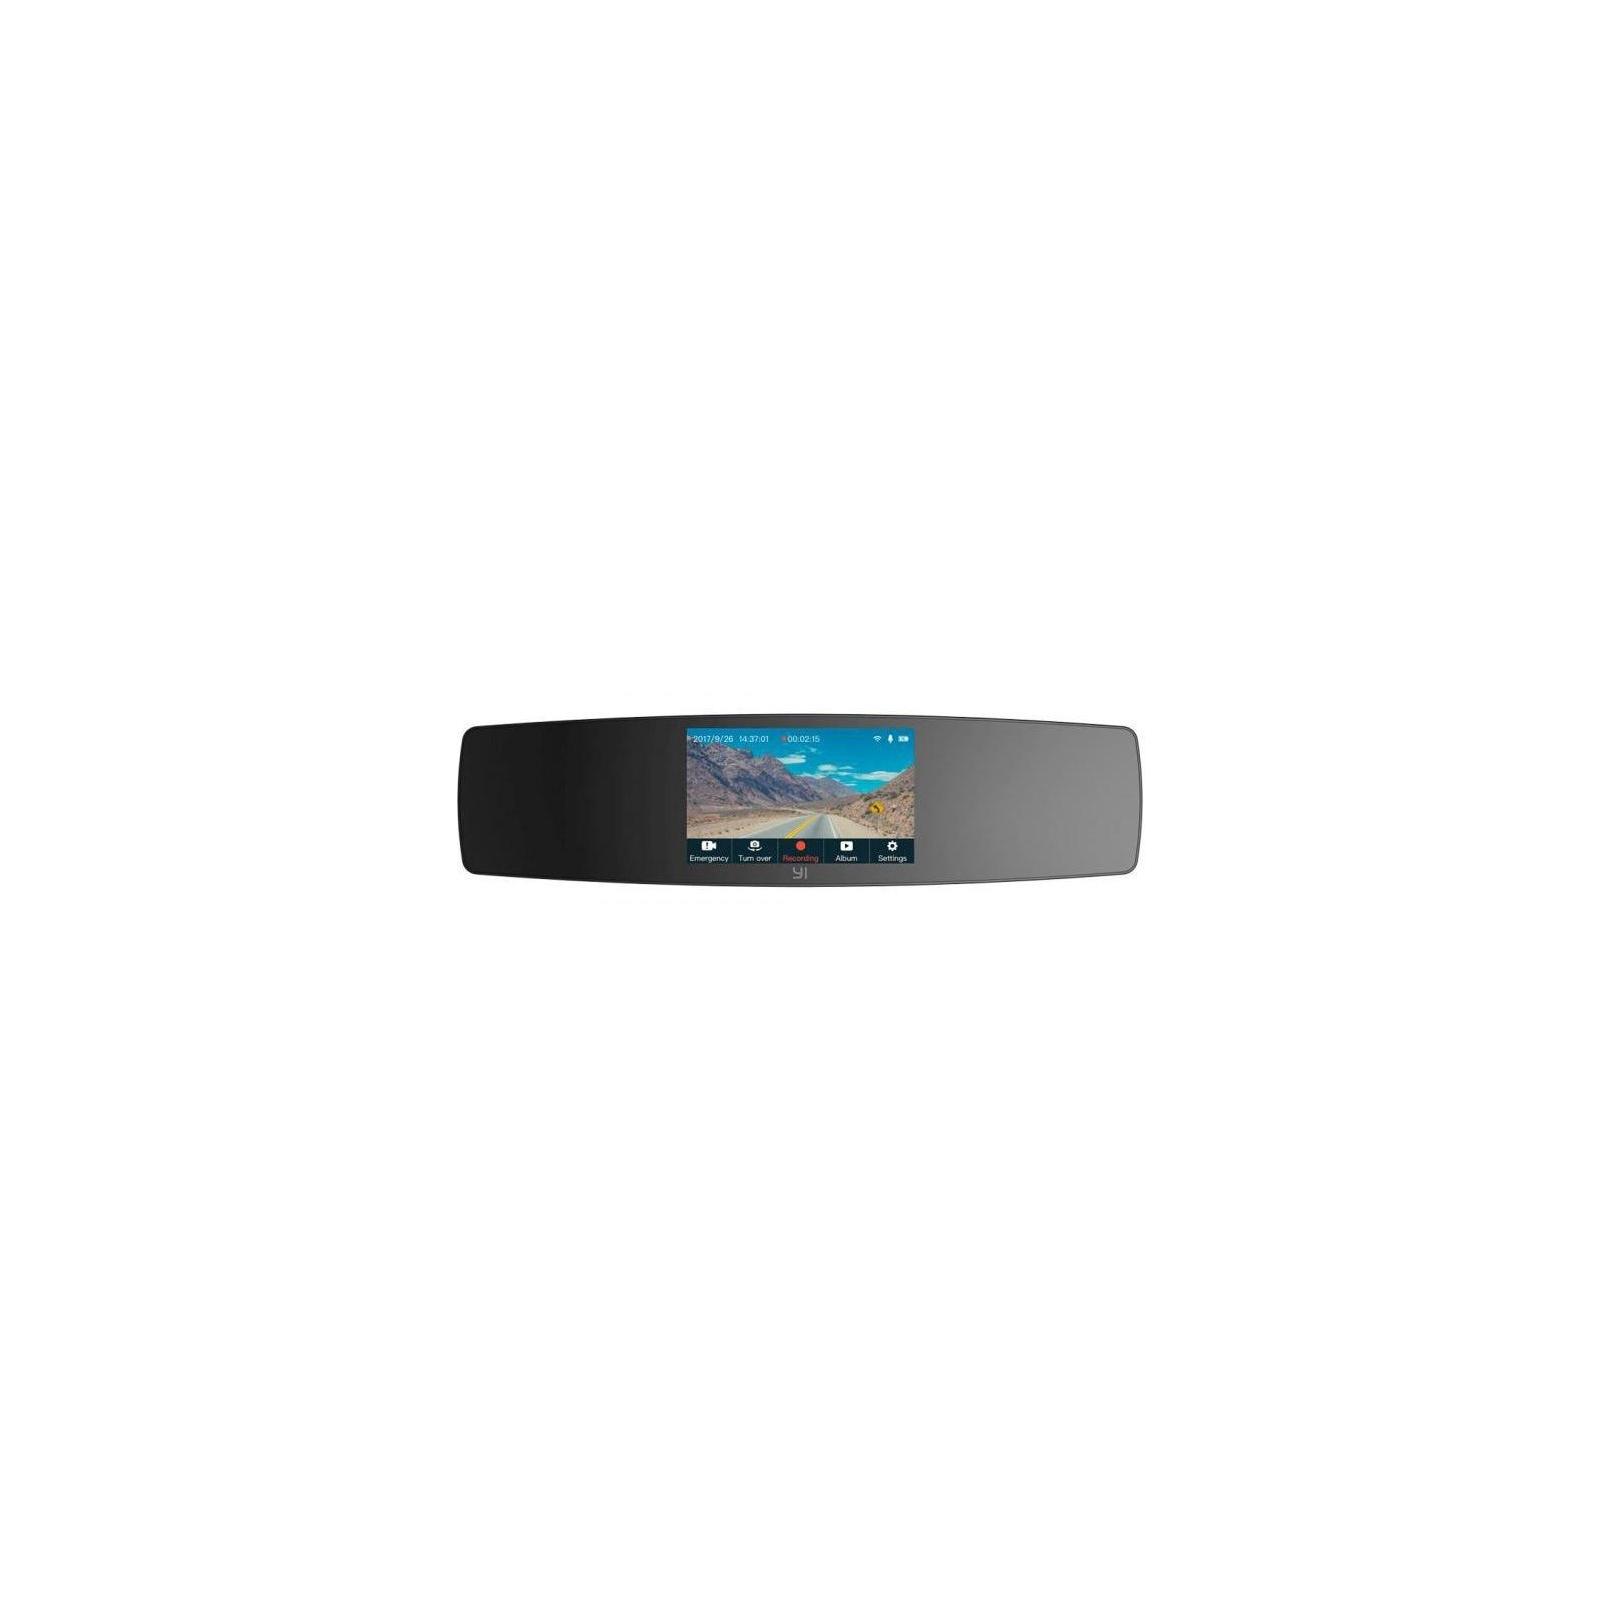 Видеорегистратор Xiaomi YI Mirror Dash Camera Black (YI-89029) изображение 5